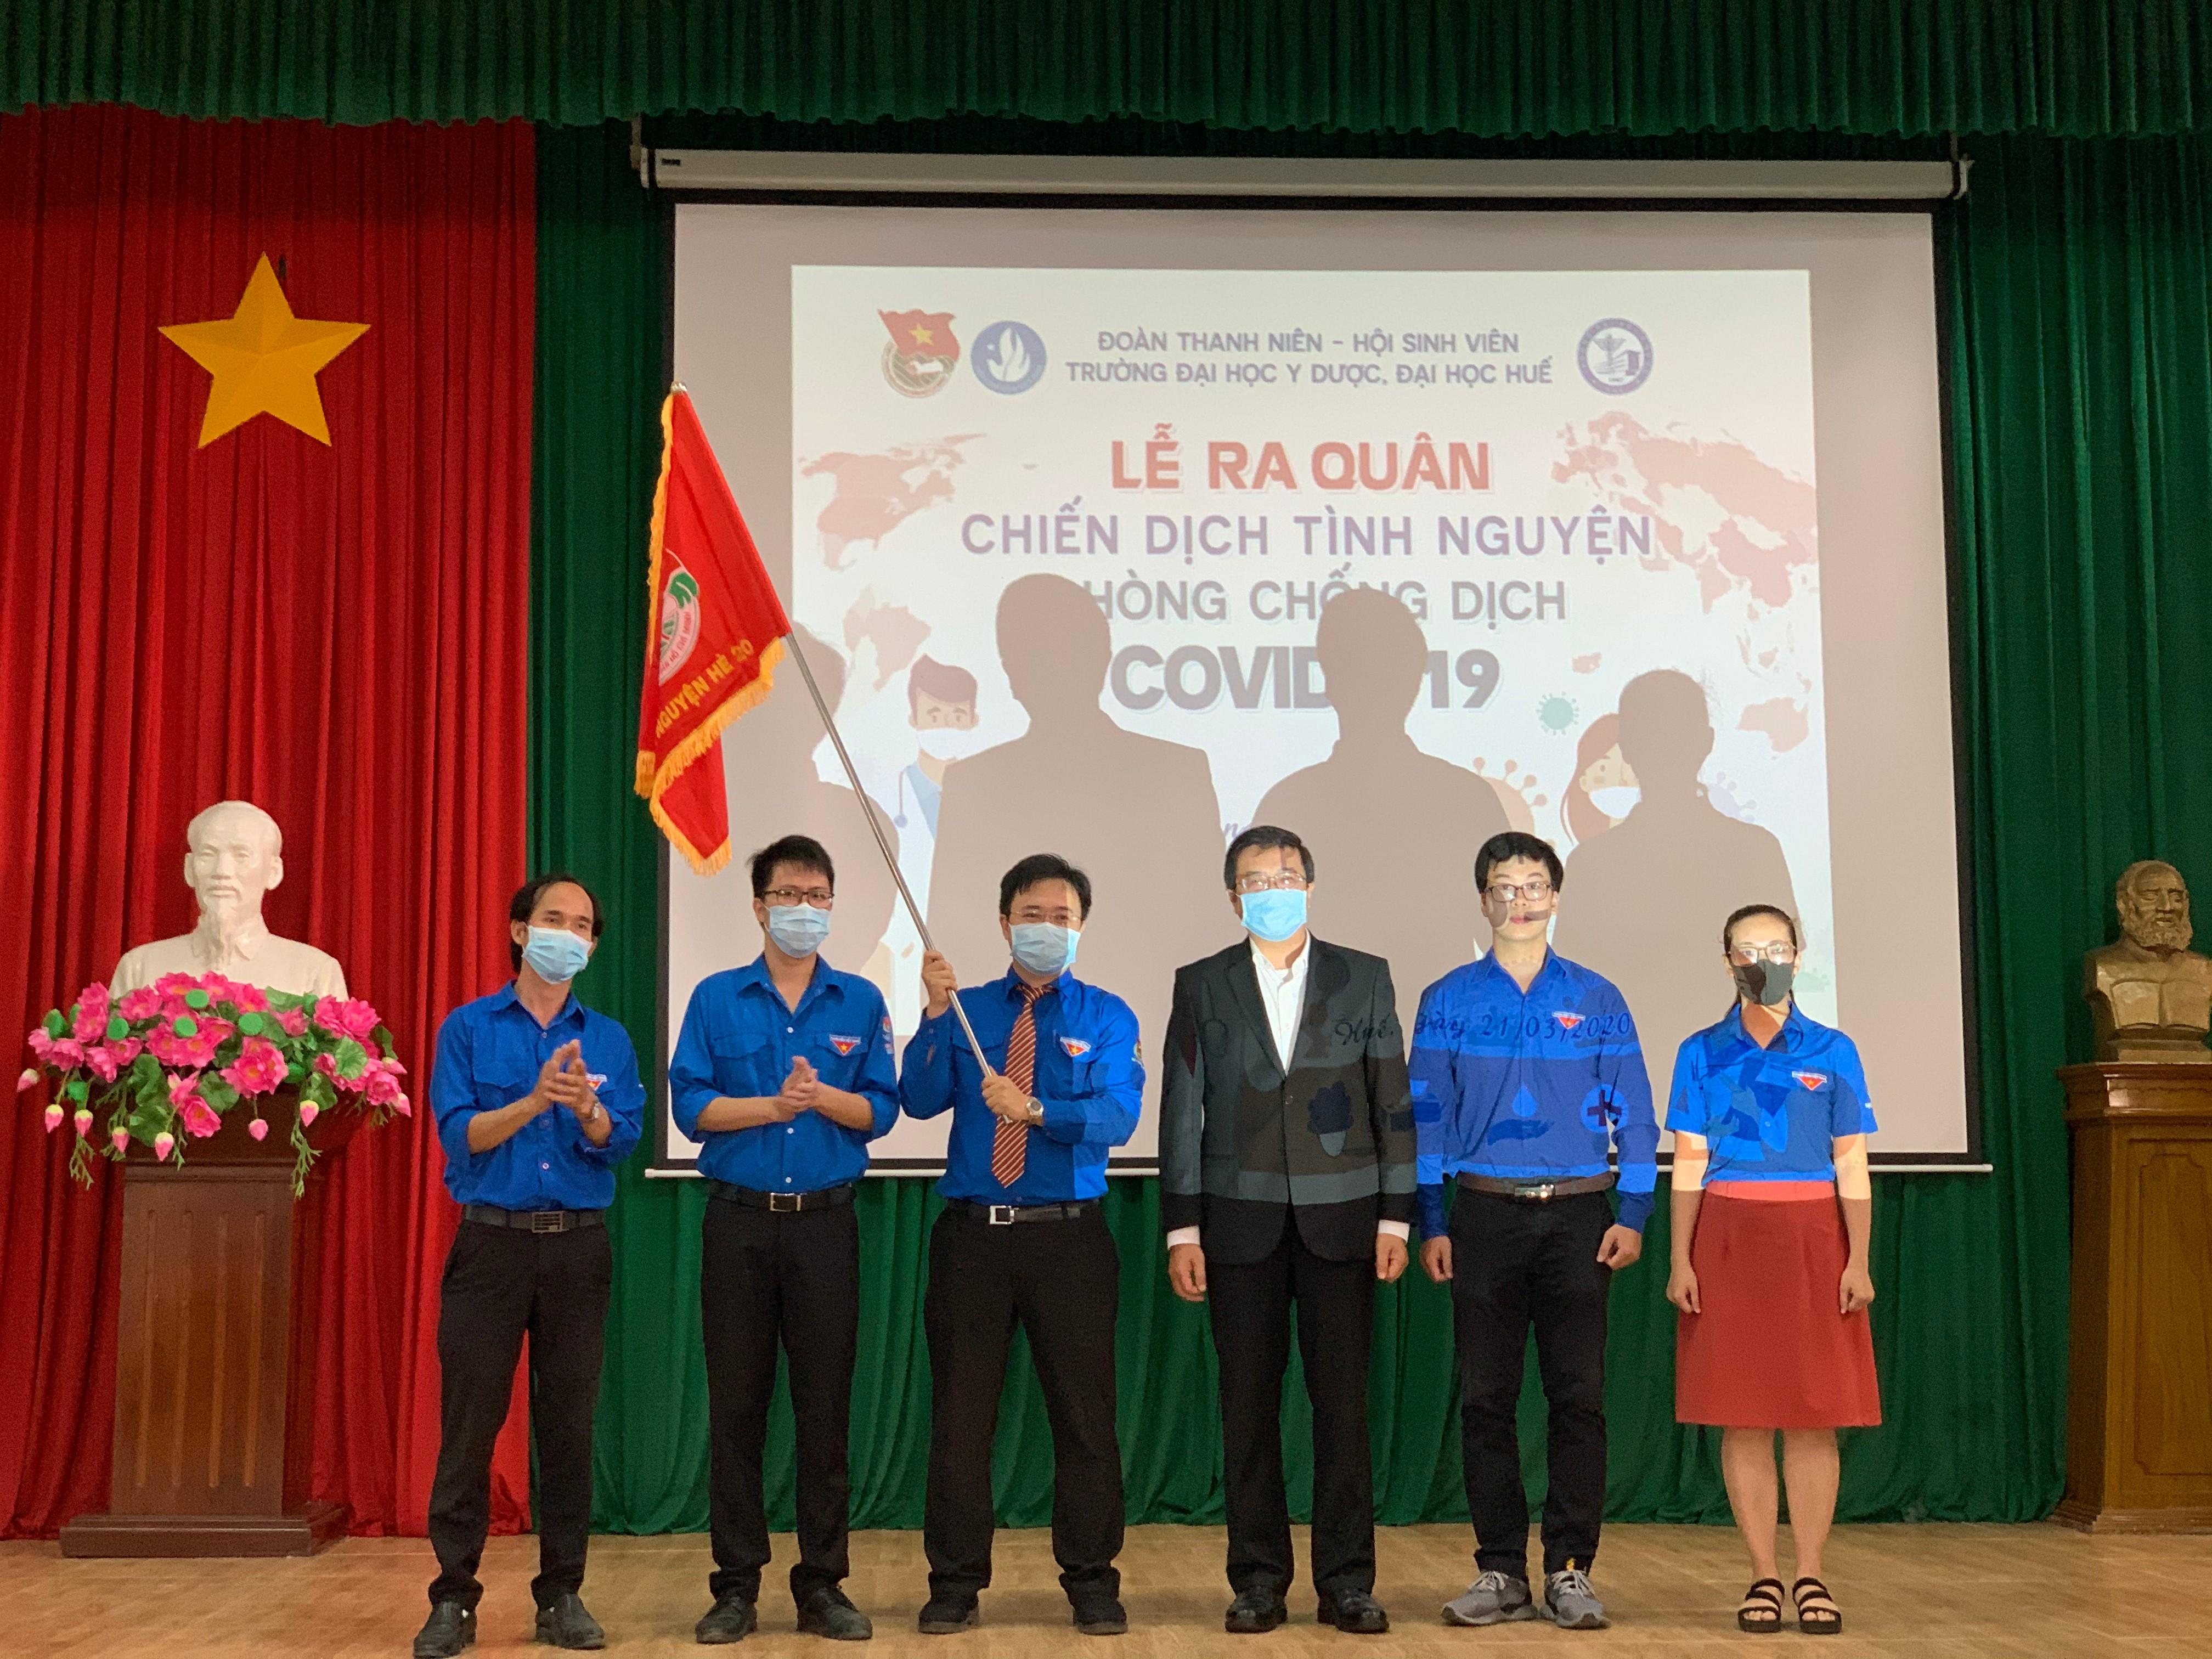 Gần 200 sinh viên Y tham gia chiến dịch tình nguyện phòng chống dịch Covid-19